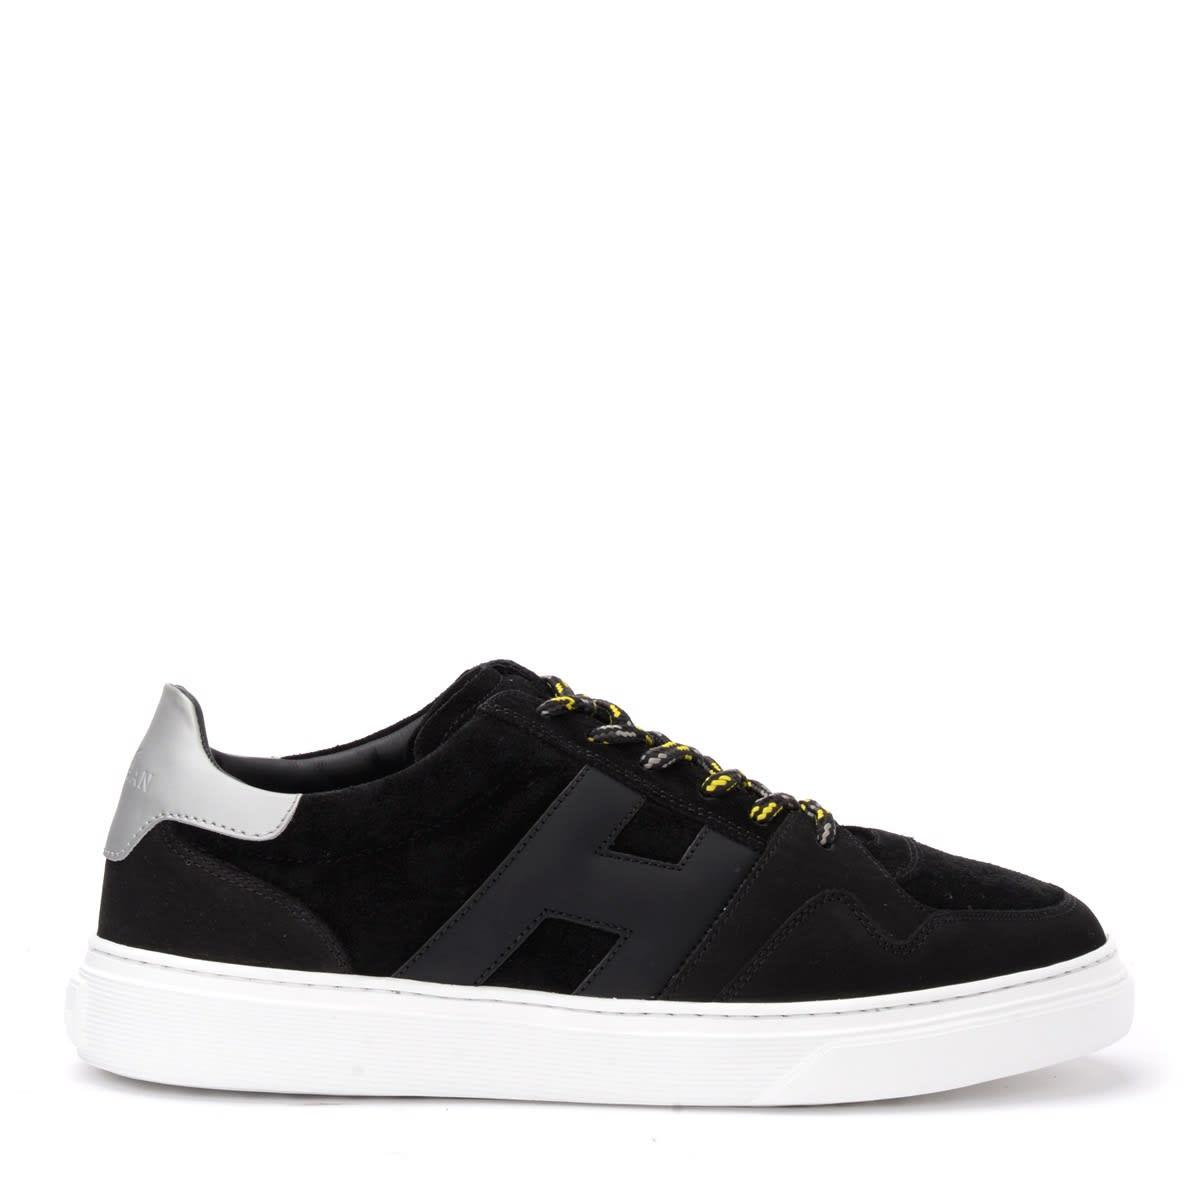 Hogan Sneaker H365 Model In Nubuck And Black Suede